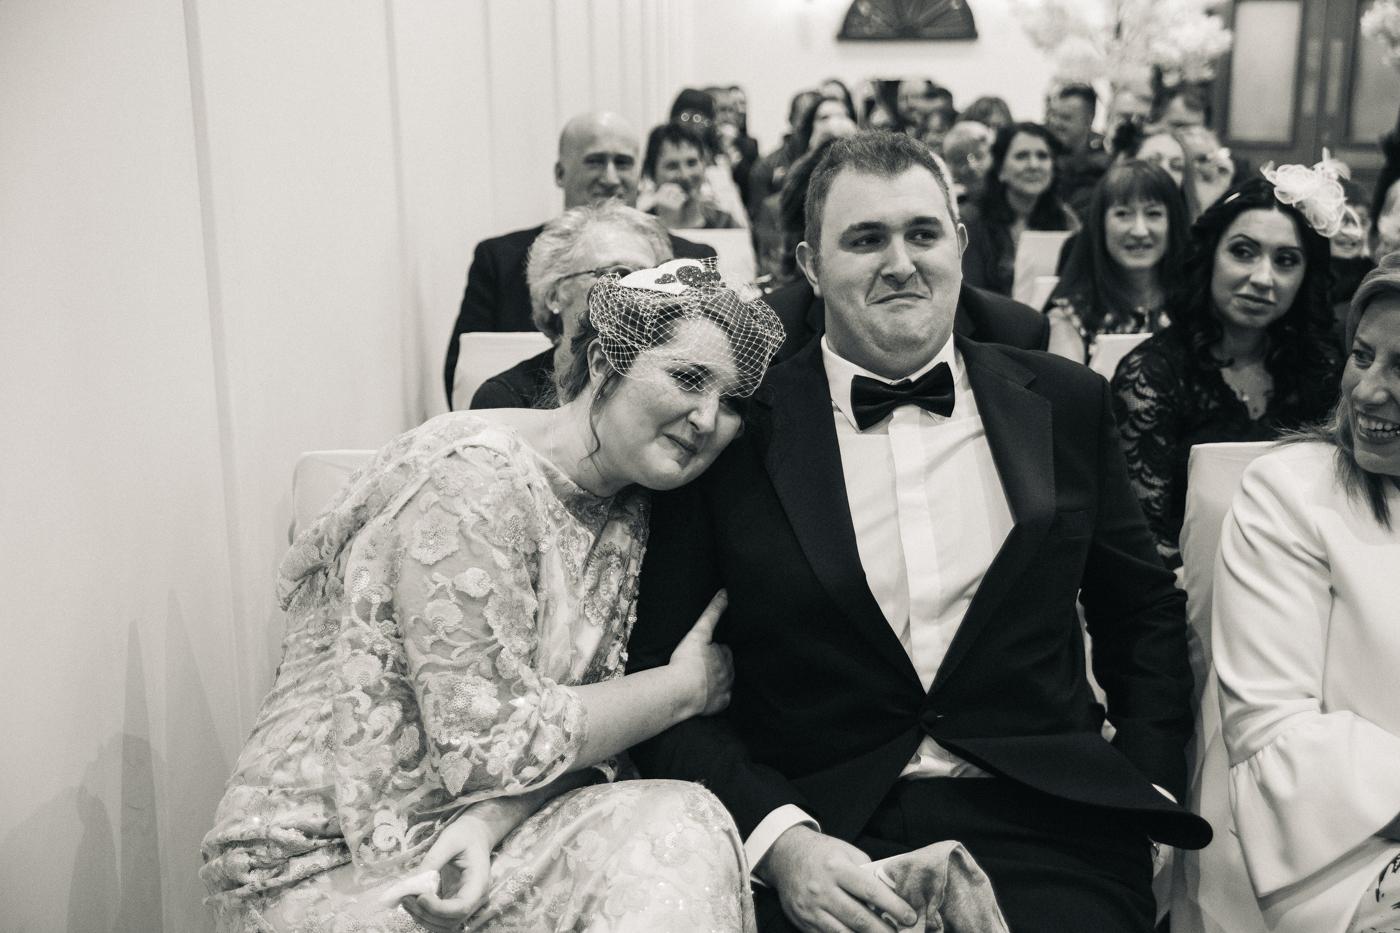 derby-derbyshire-wedding-photographer-creative-white-hart-inn-wedding-0029.jpg